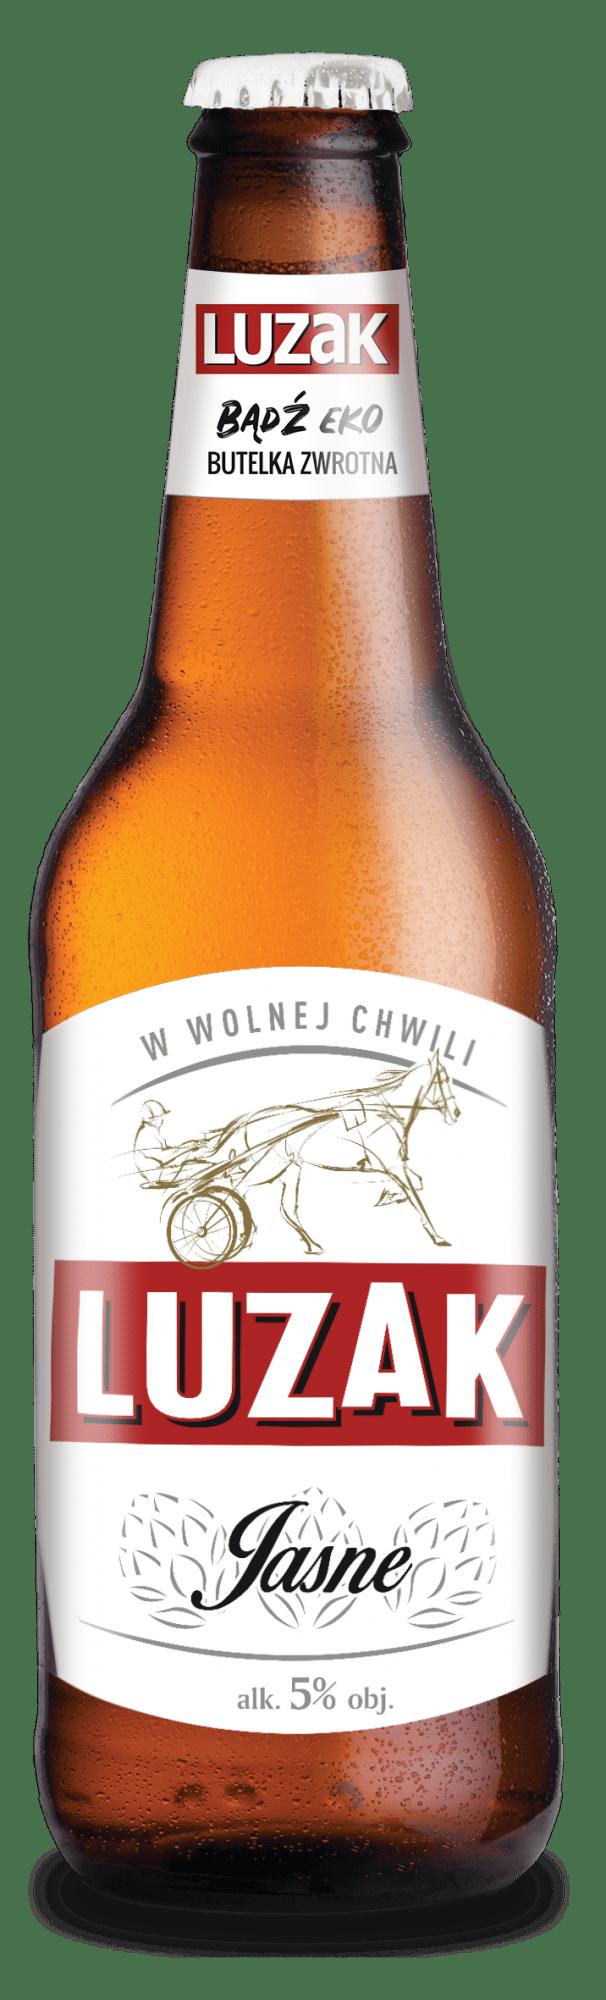 Piwo Luzak - luzak lager wiualizacja